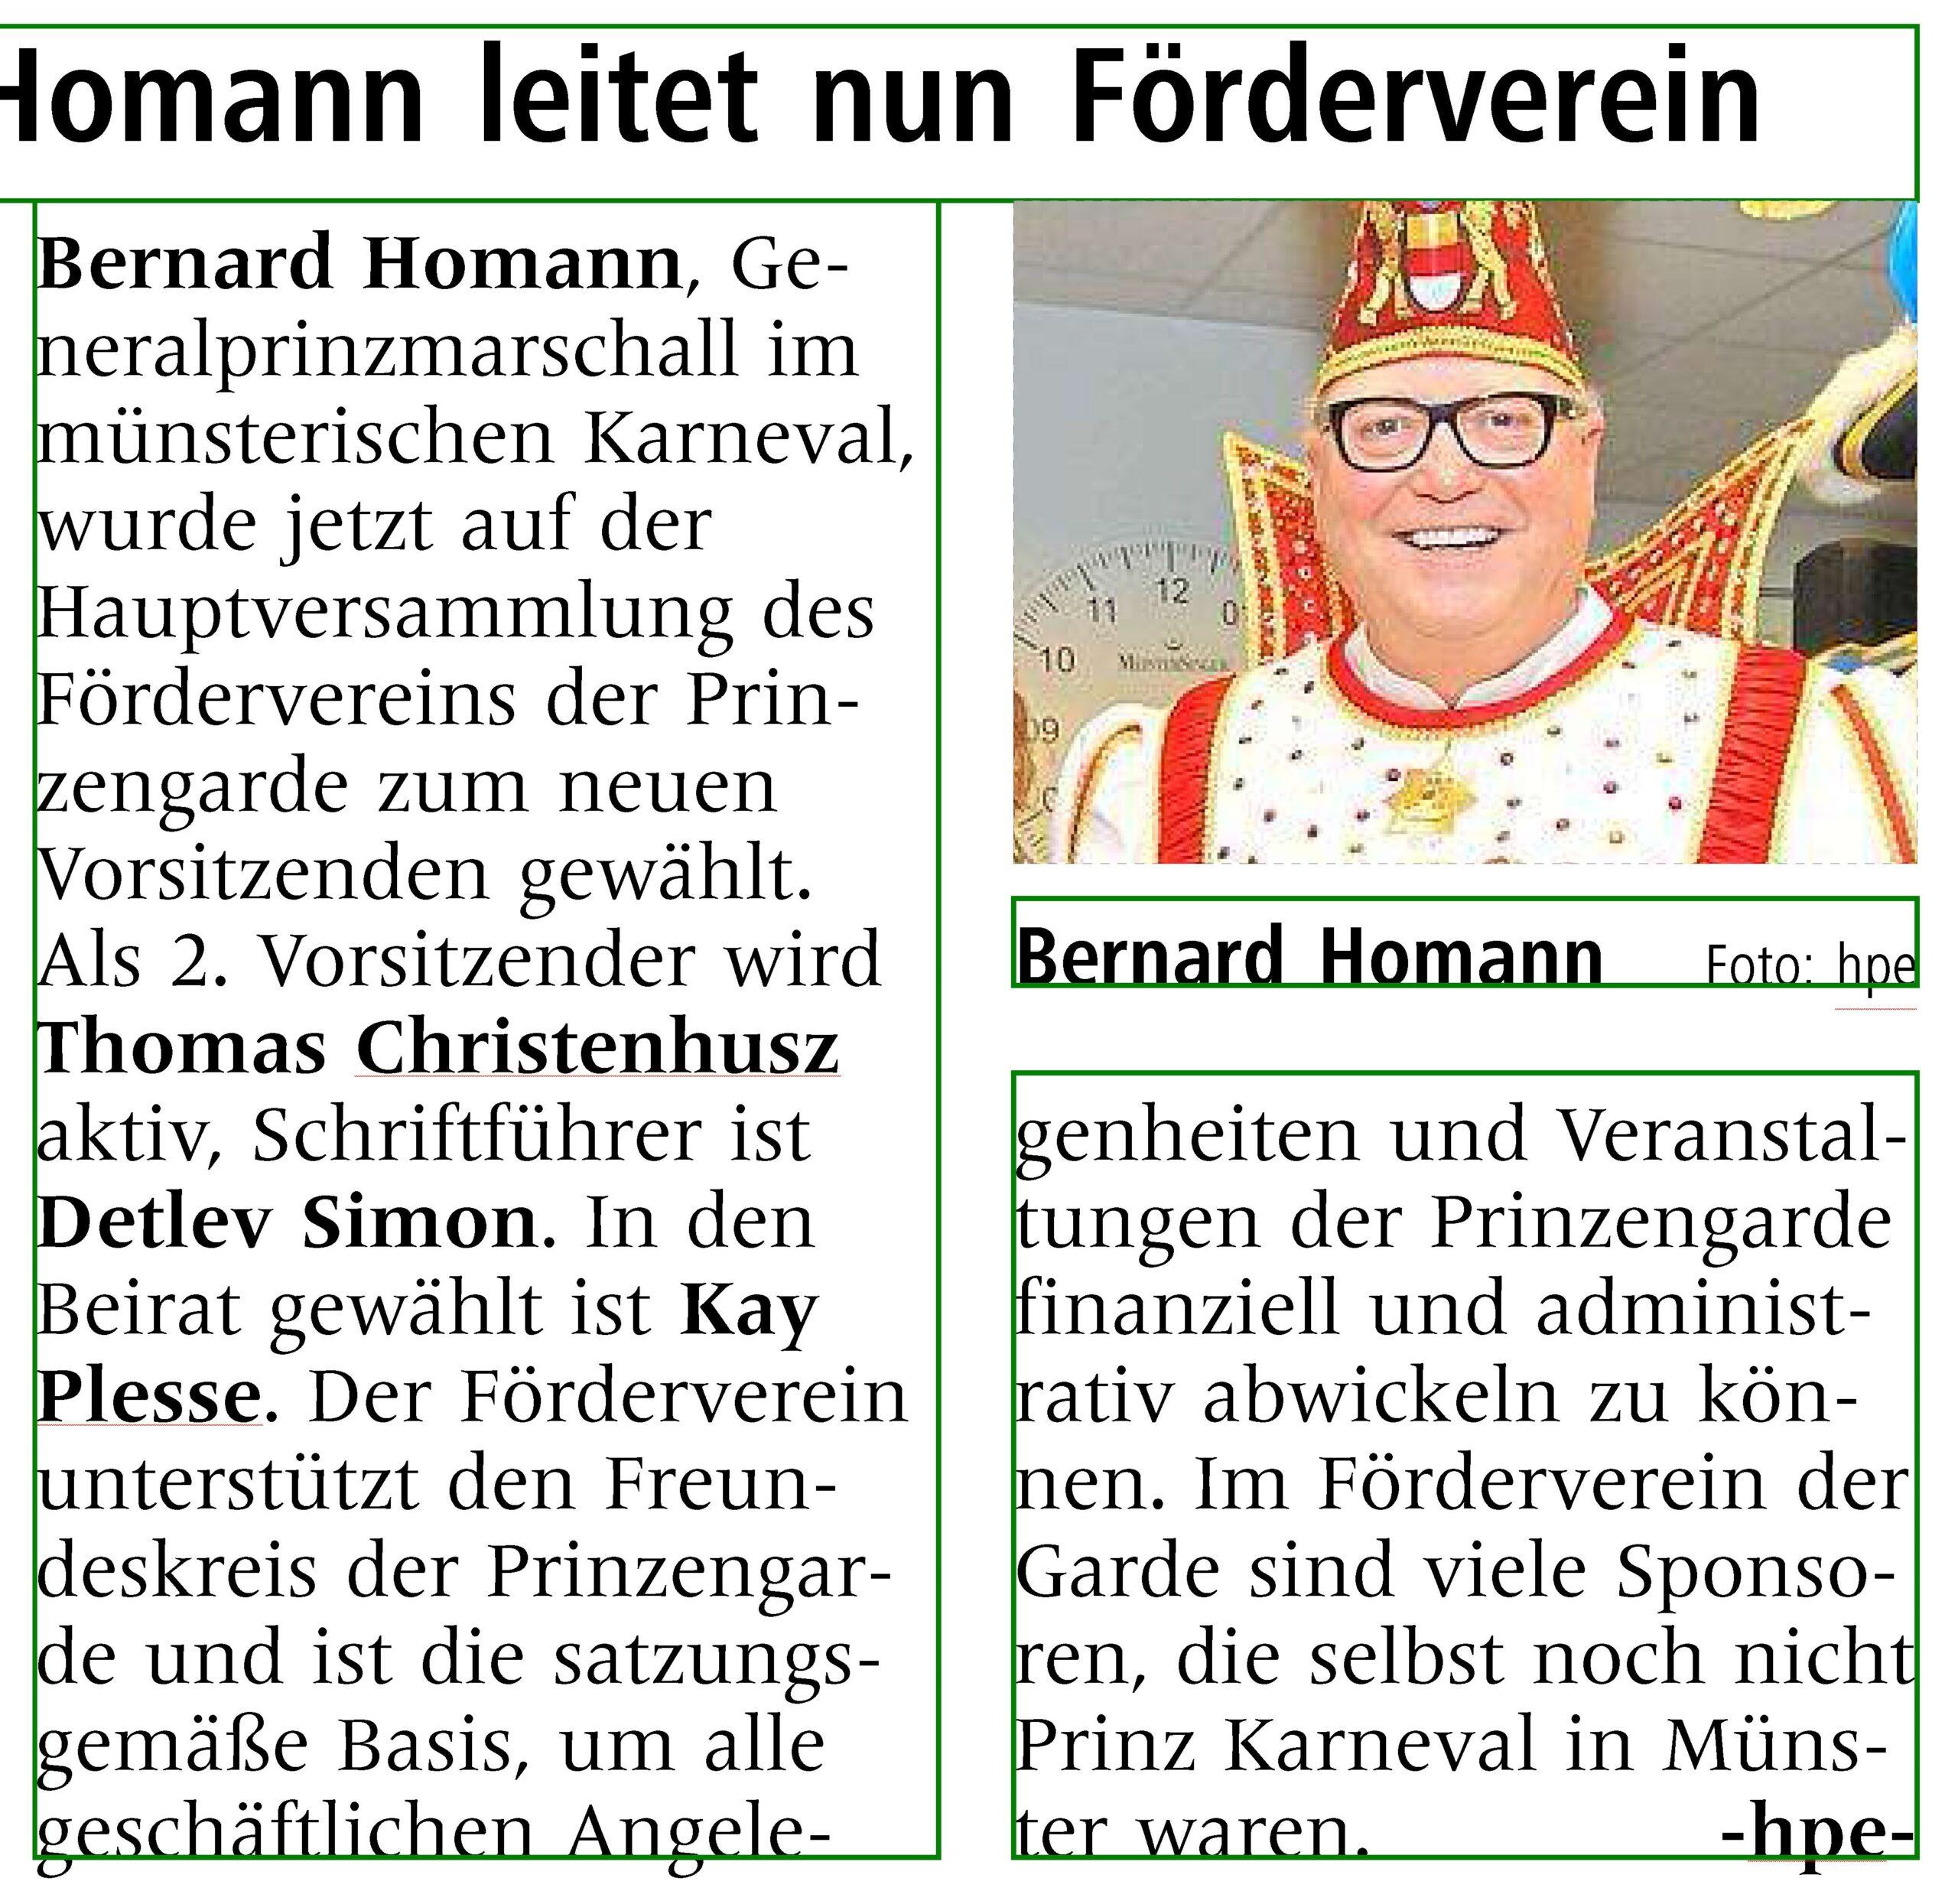 Homann leitet nun den Förderverein